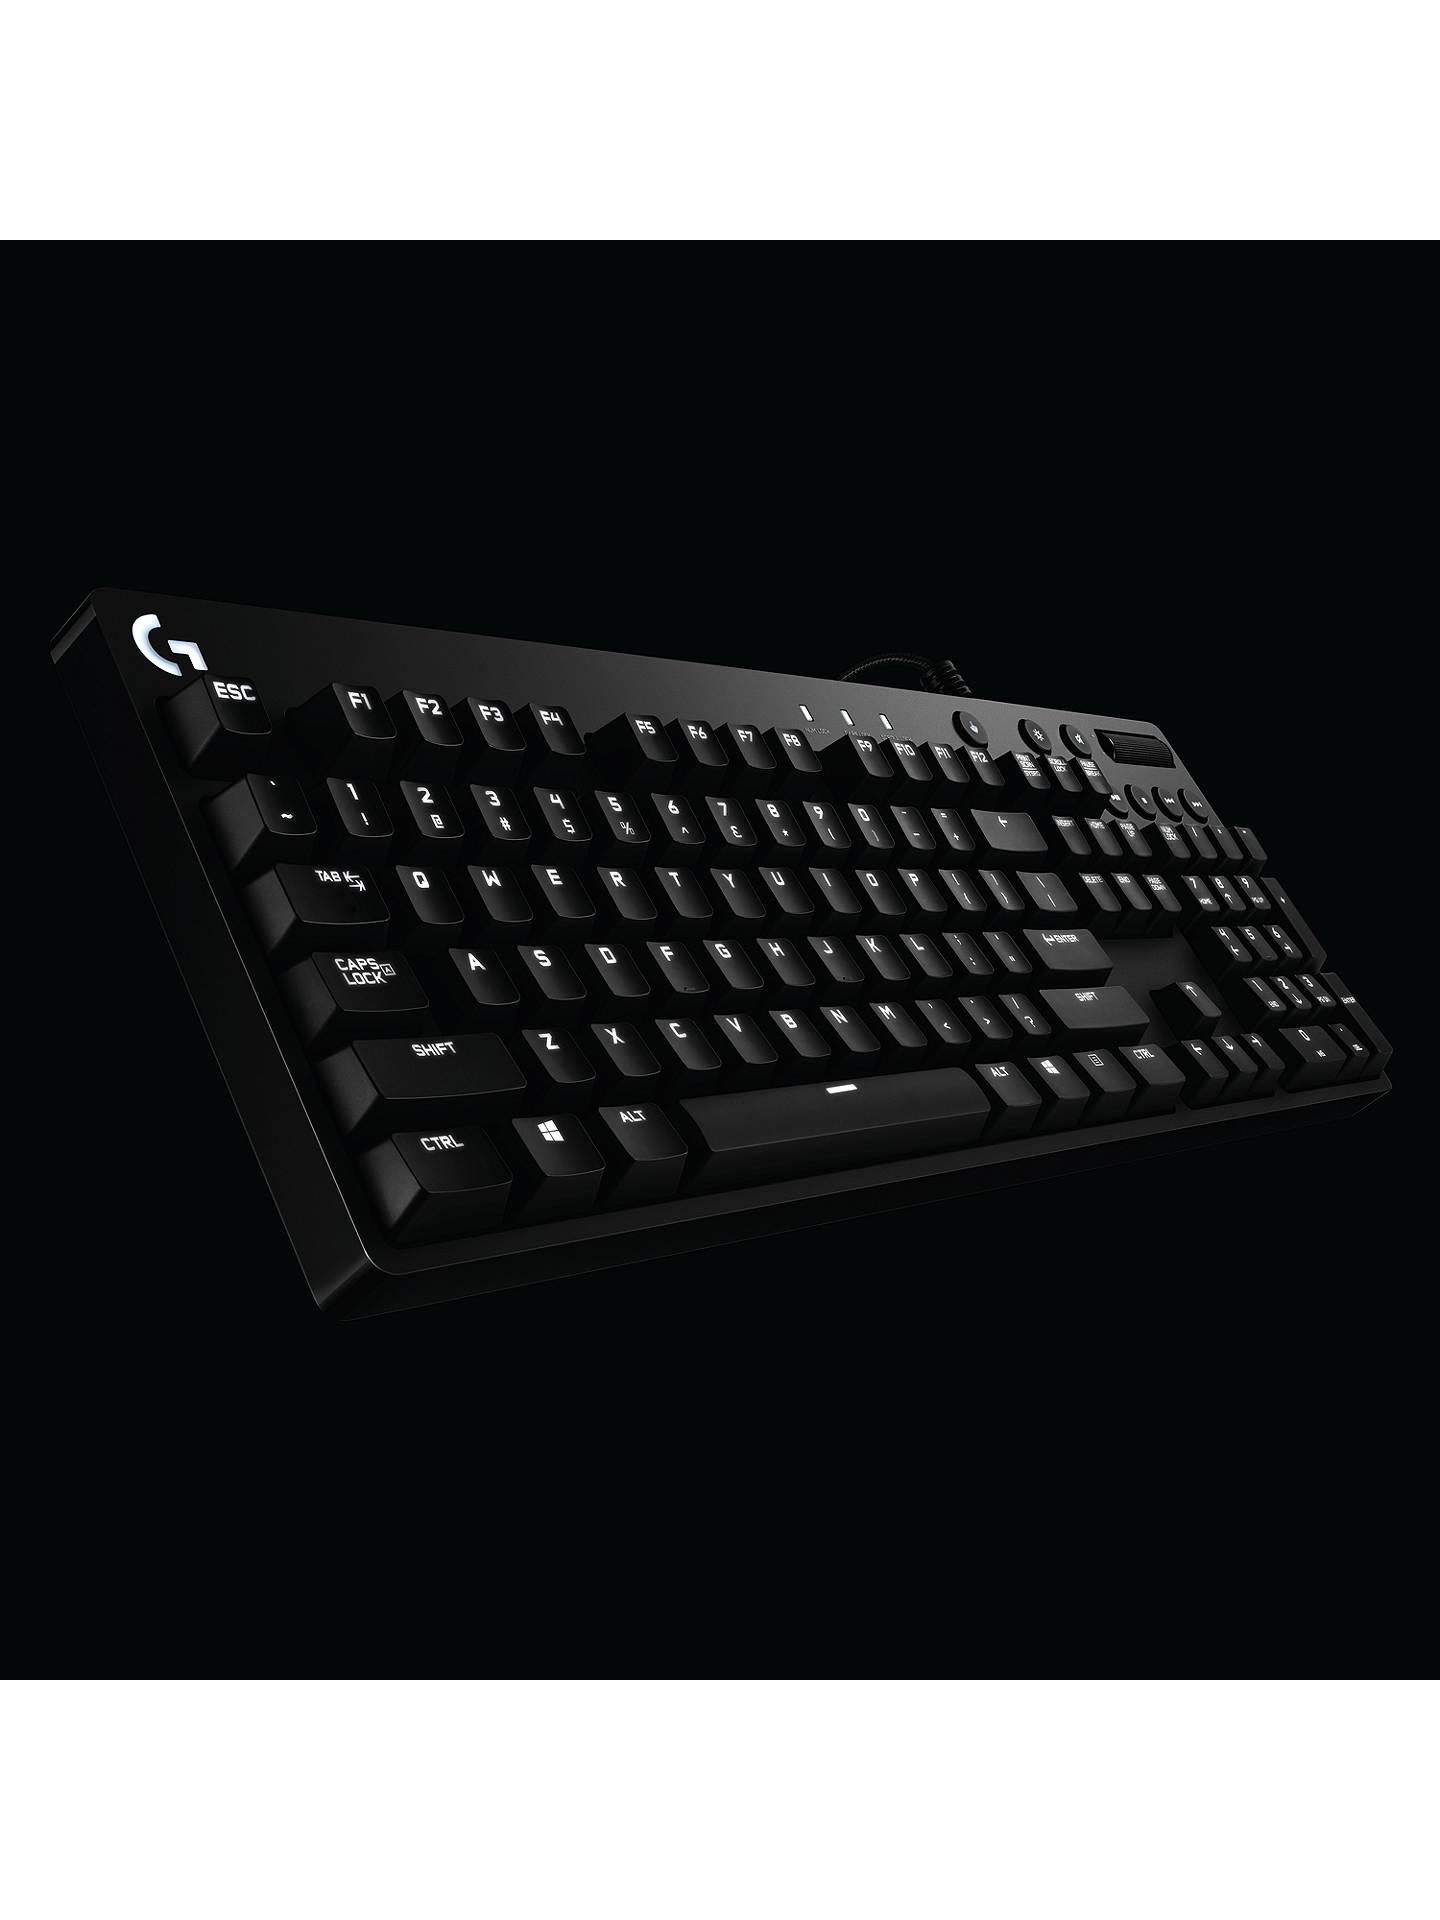 40c87f38629 ... Buy Logitech G610 Orion Red Backlit Mechanical Gaming Keyboard, Black  Online at johnlewis.com ...